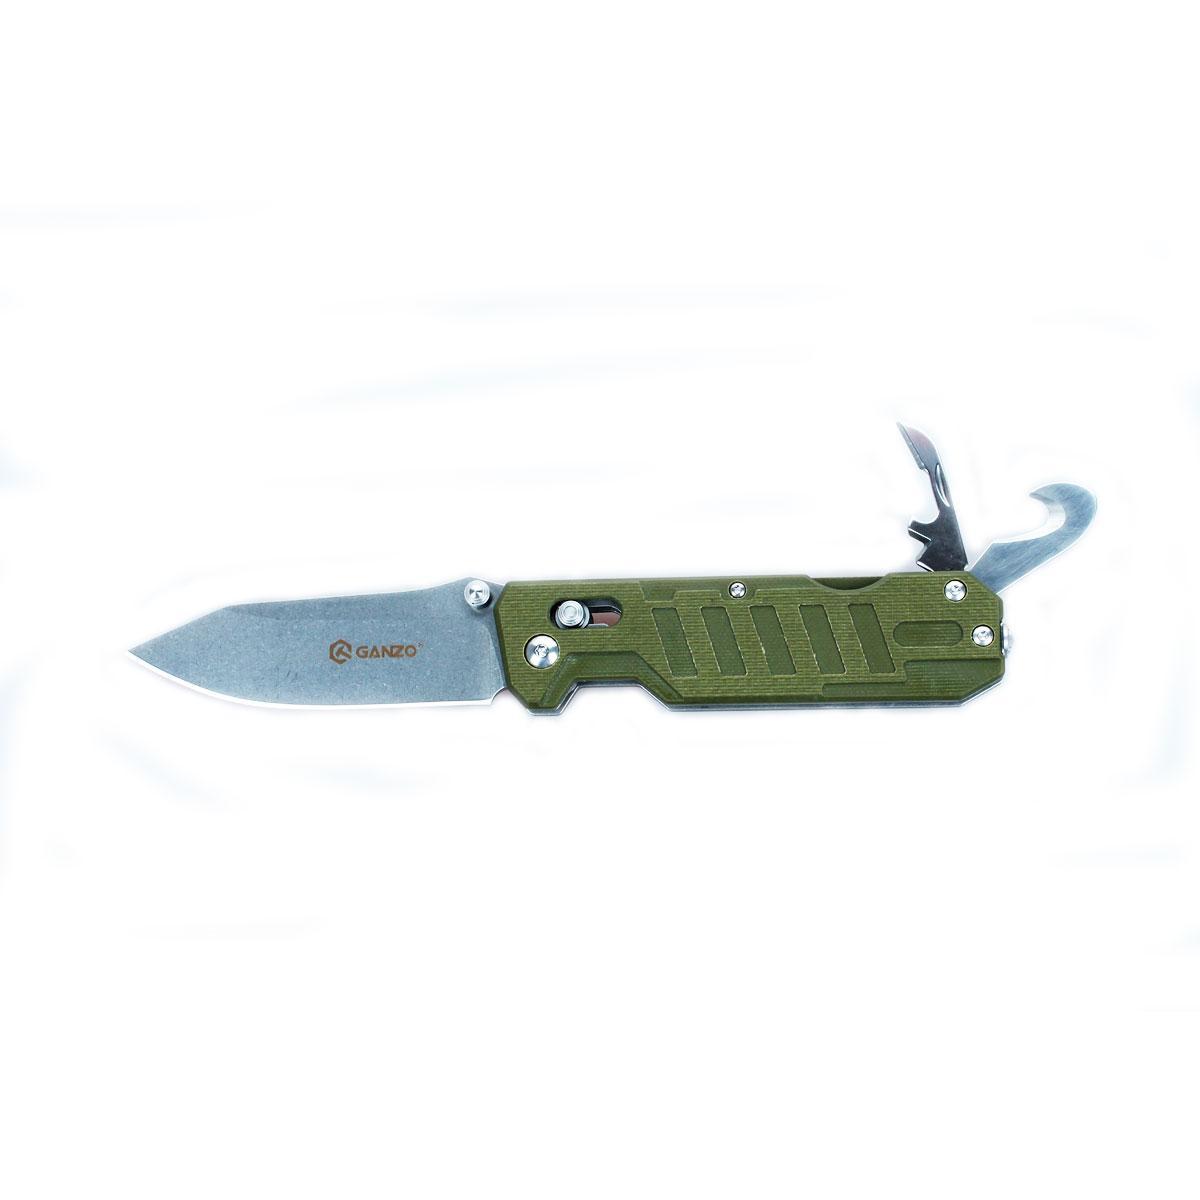 Ніж складний Ganzo G735-GR зелений